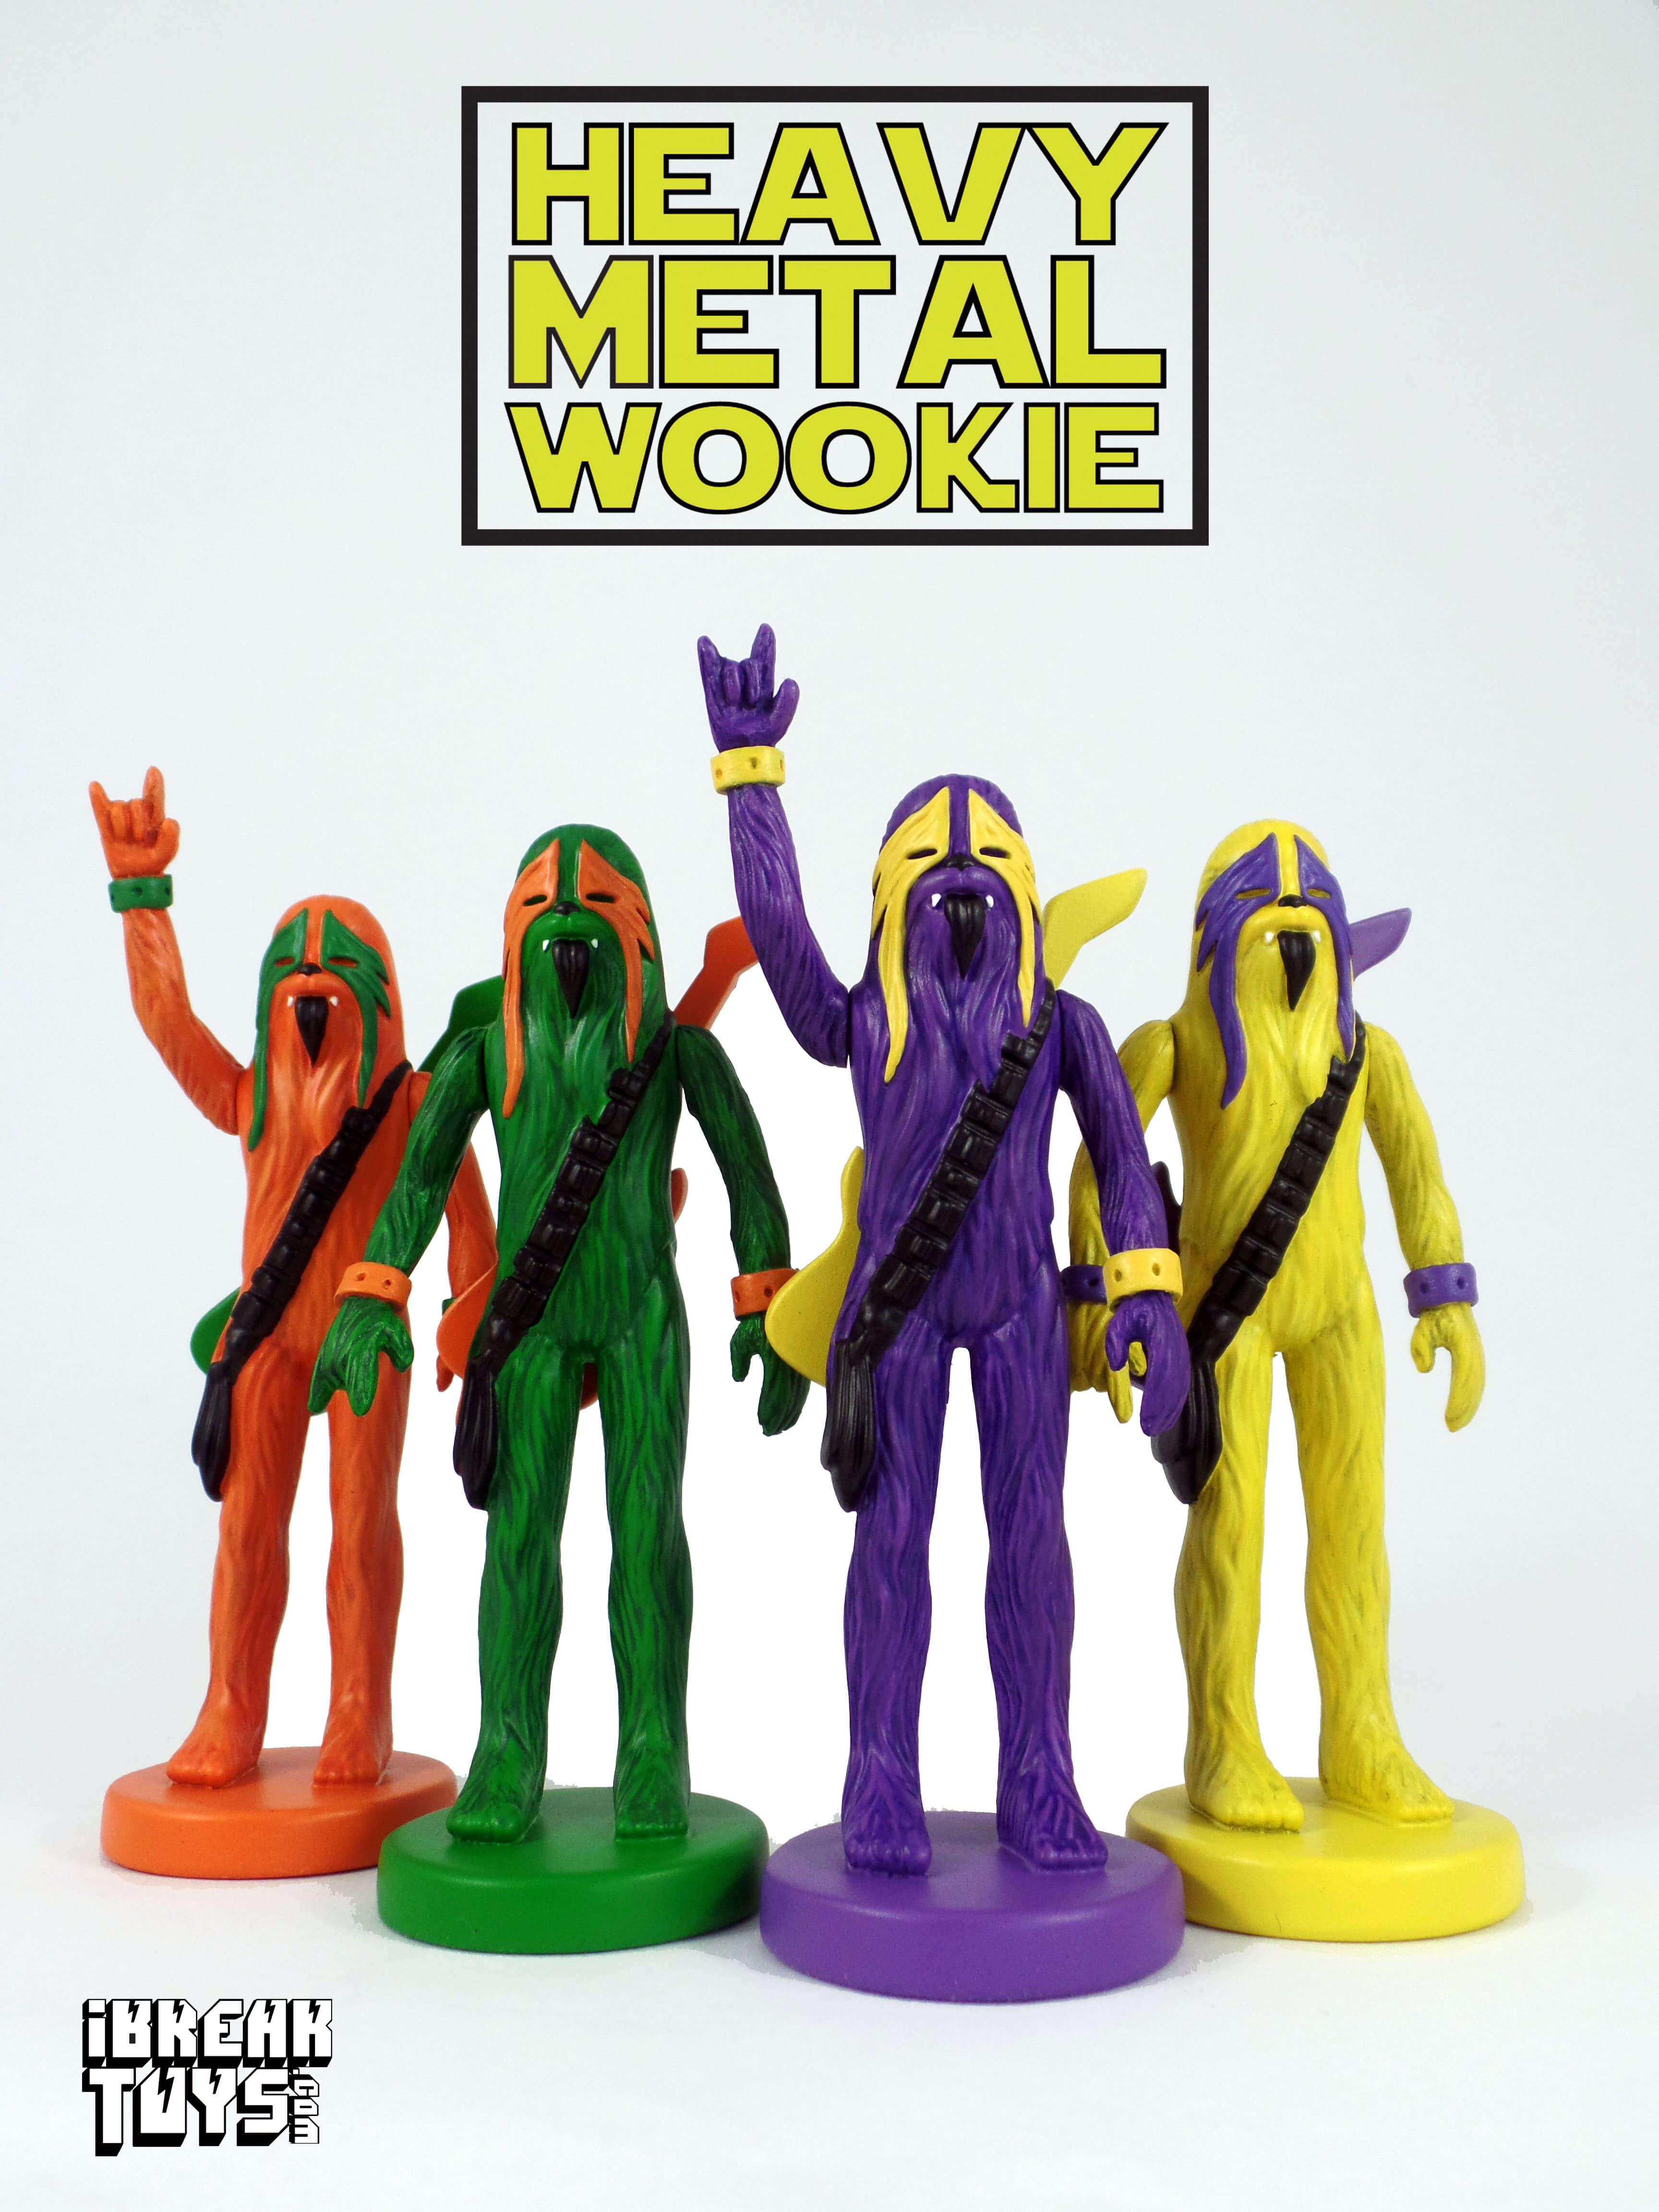 heavy-metal-wookie-1